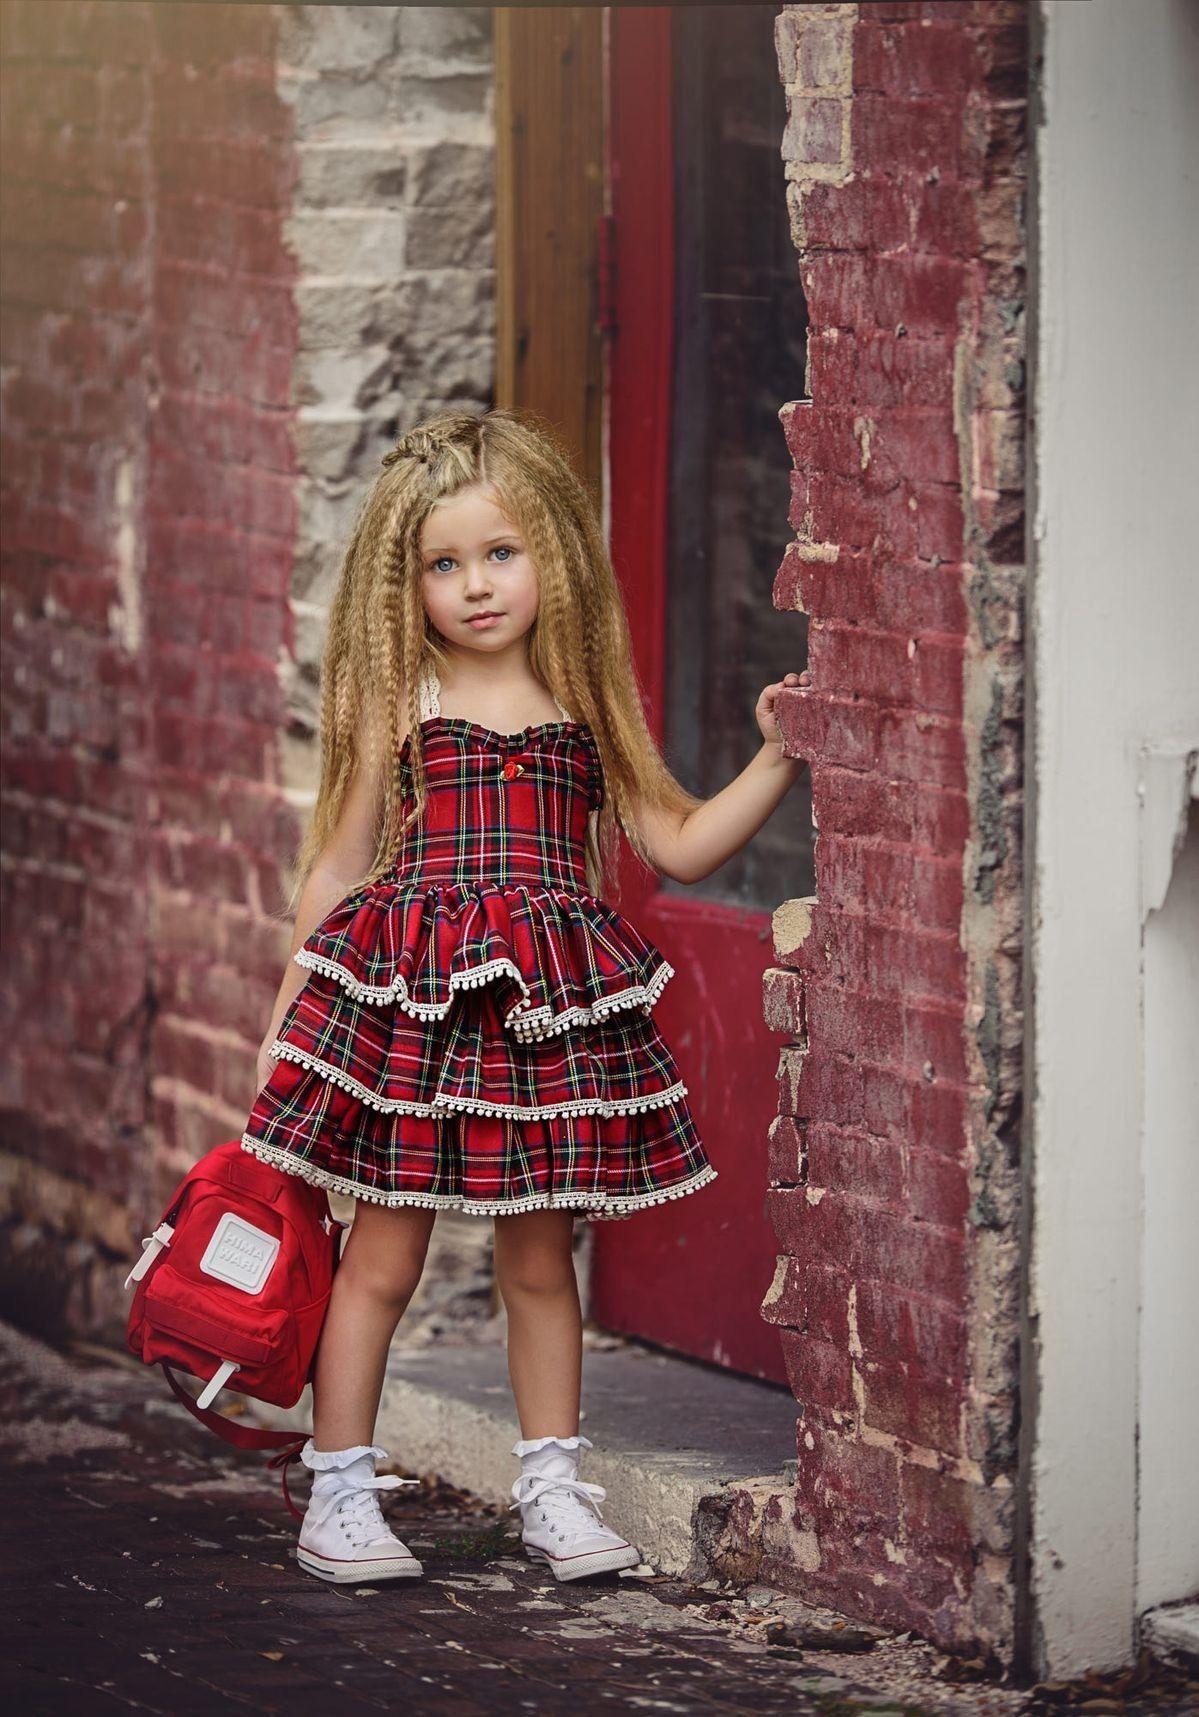 Одежда для девочки, цена 8 р. купить в Брестской области